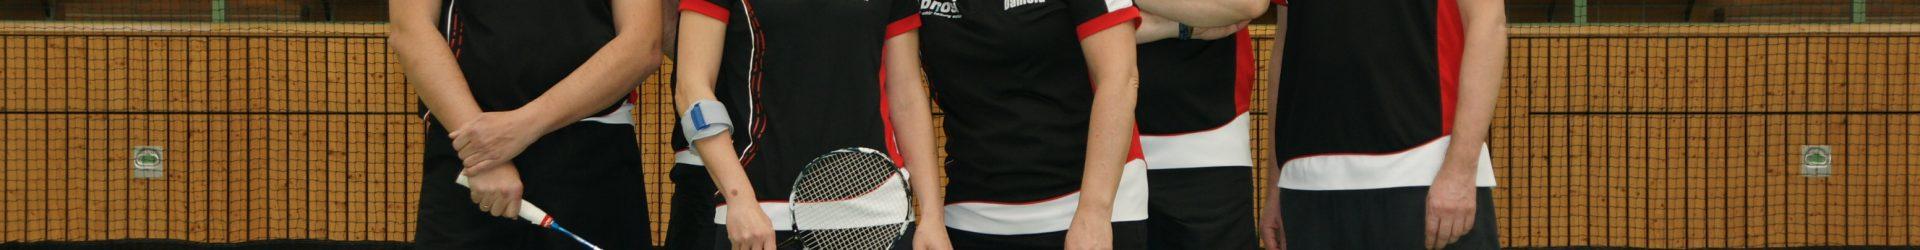 8:0 Triumph für Badmintoner